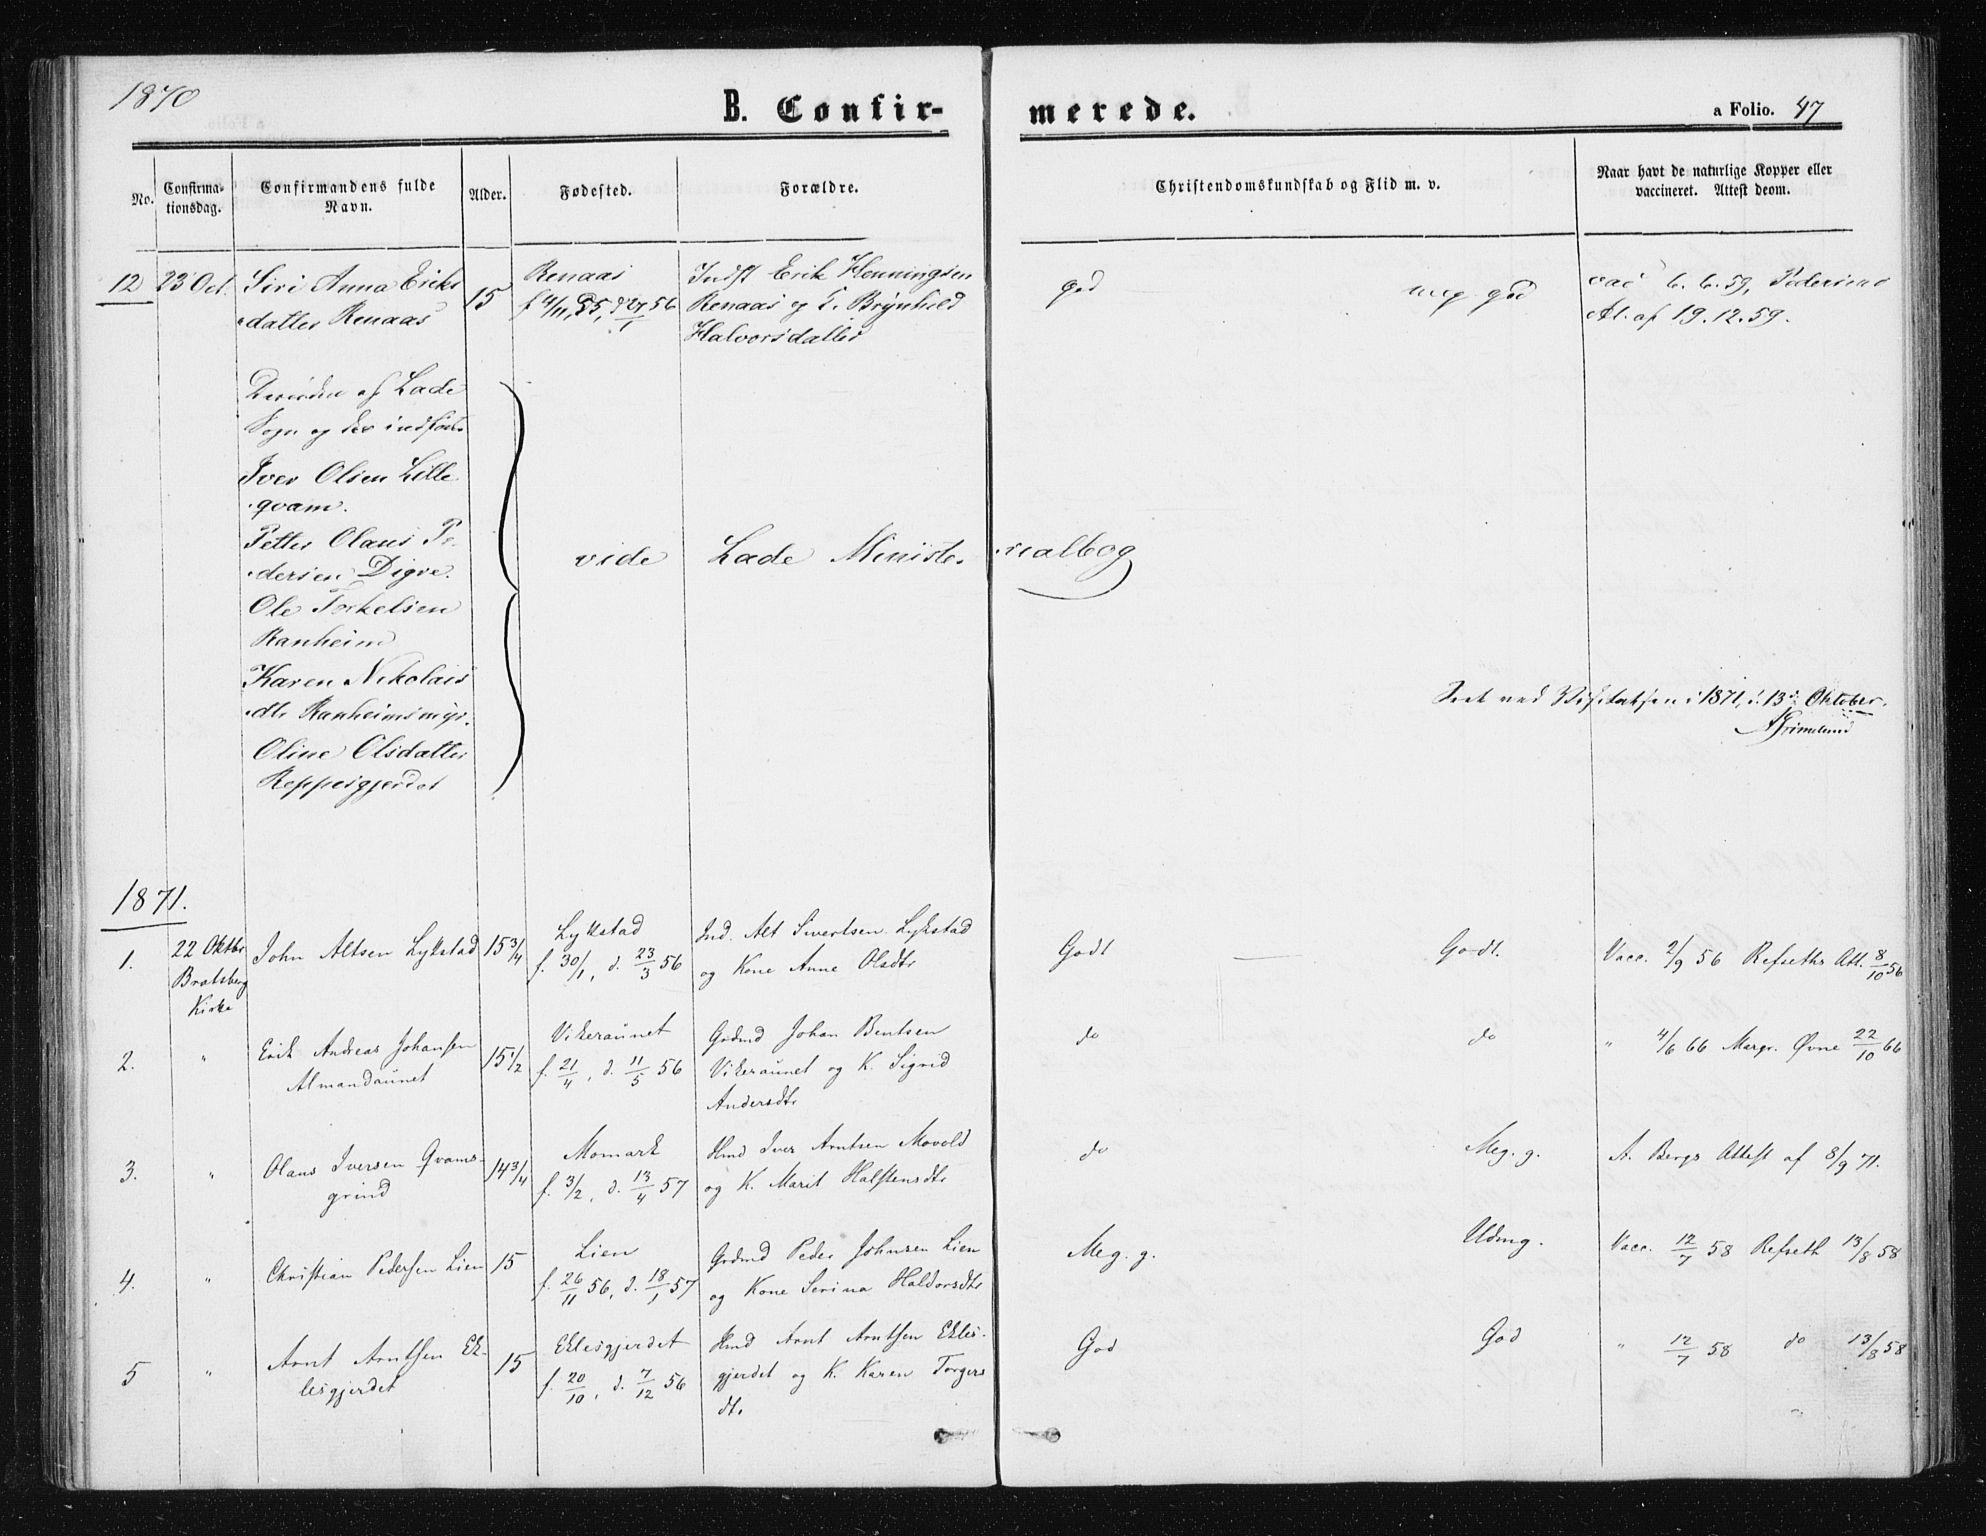 SAT, Ministerialprotokoller, klokkerbøker og fødselsregistre - Sør-Trøndelag, 608/L0333: Ministerialbok nr. 608A02, 1862-1876, s. 47